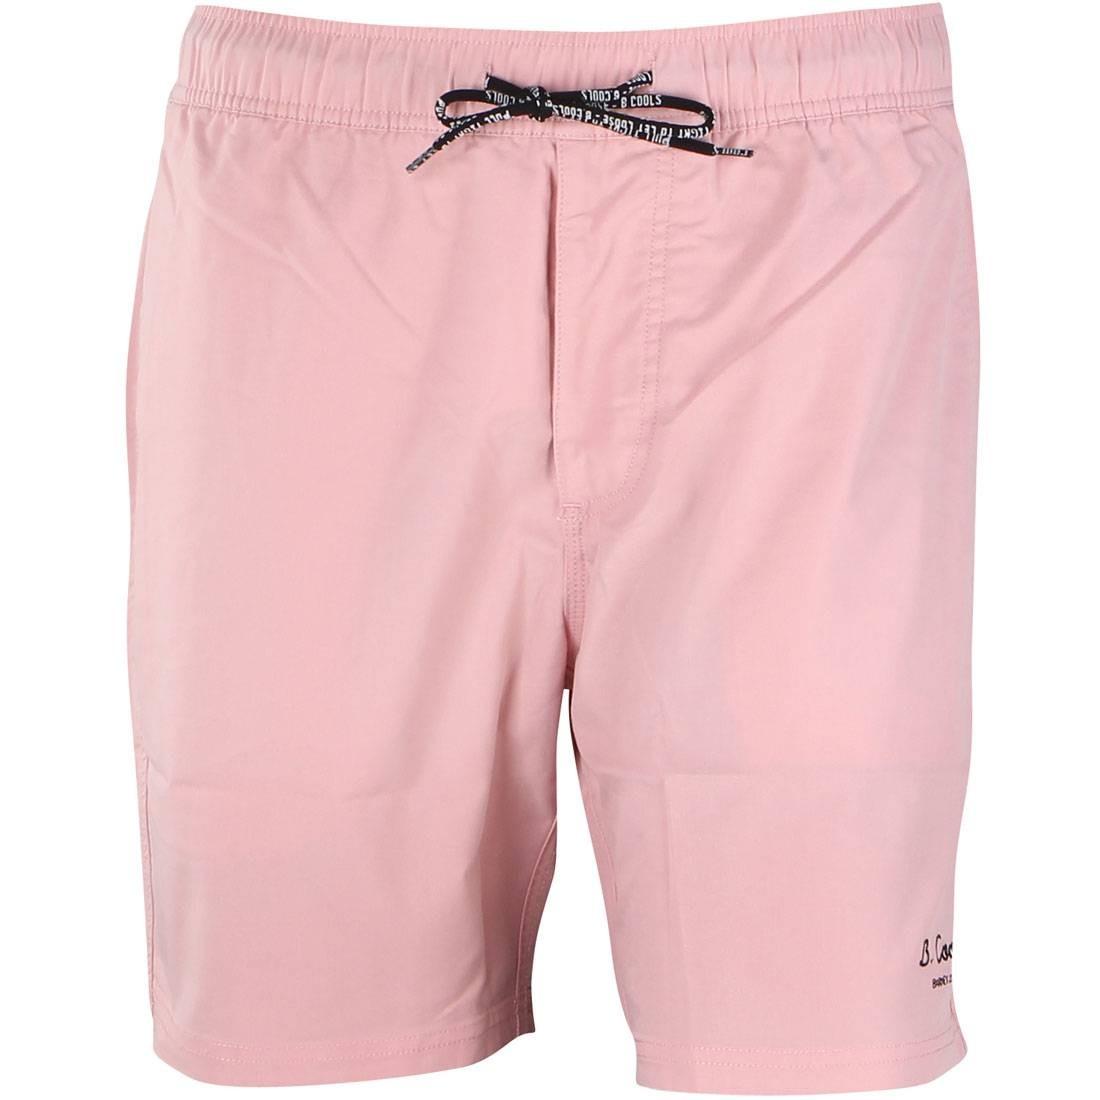 ショーツ ハーフパンツ ピンク 【 PINK BARNEY COOLS MEN SHIFTY SHORTS 】 メンズファッション ズボン パンツ